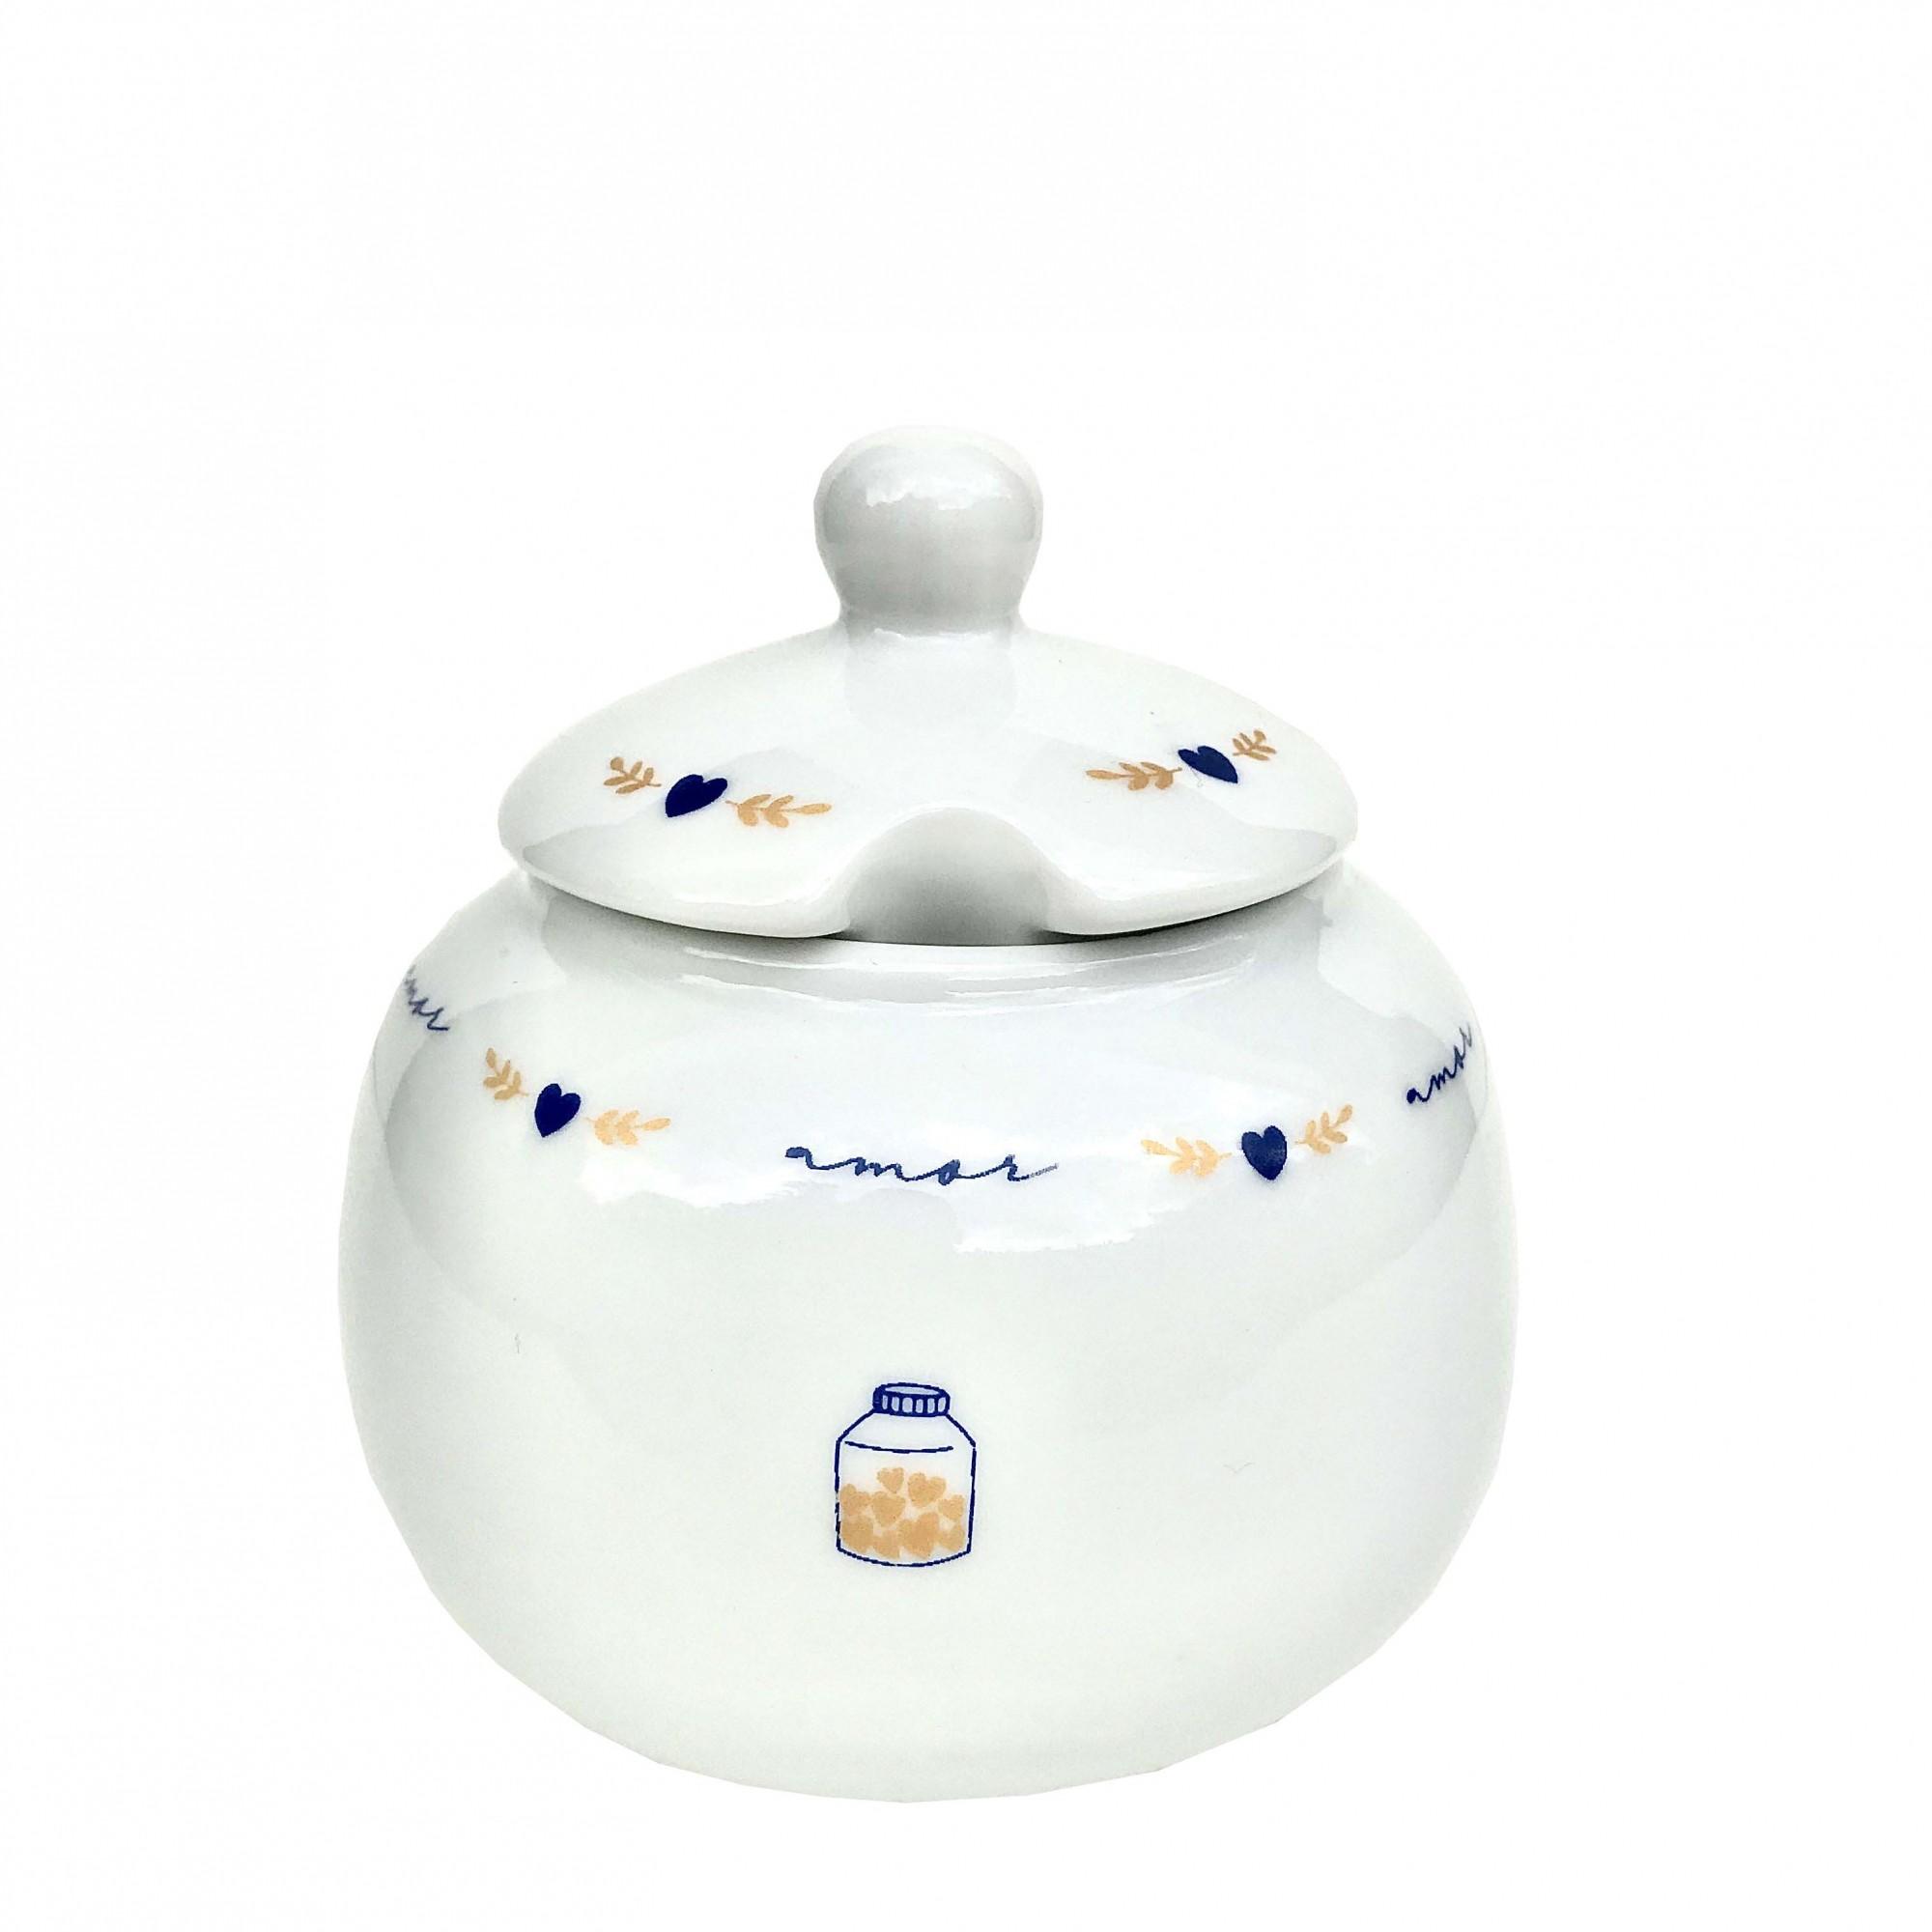 Jogo de Chá  c/6 Peças, em porcelana, coleção exclusiva Poções de Amor